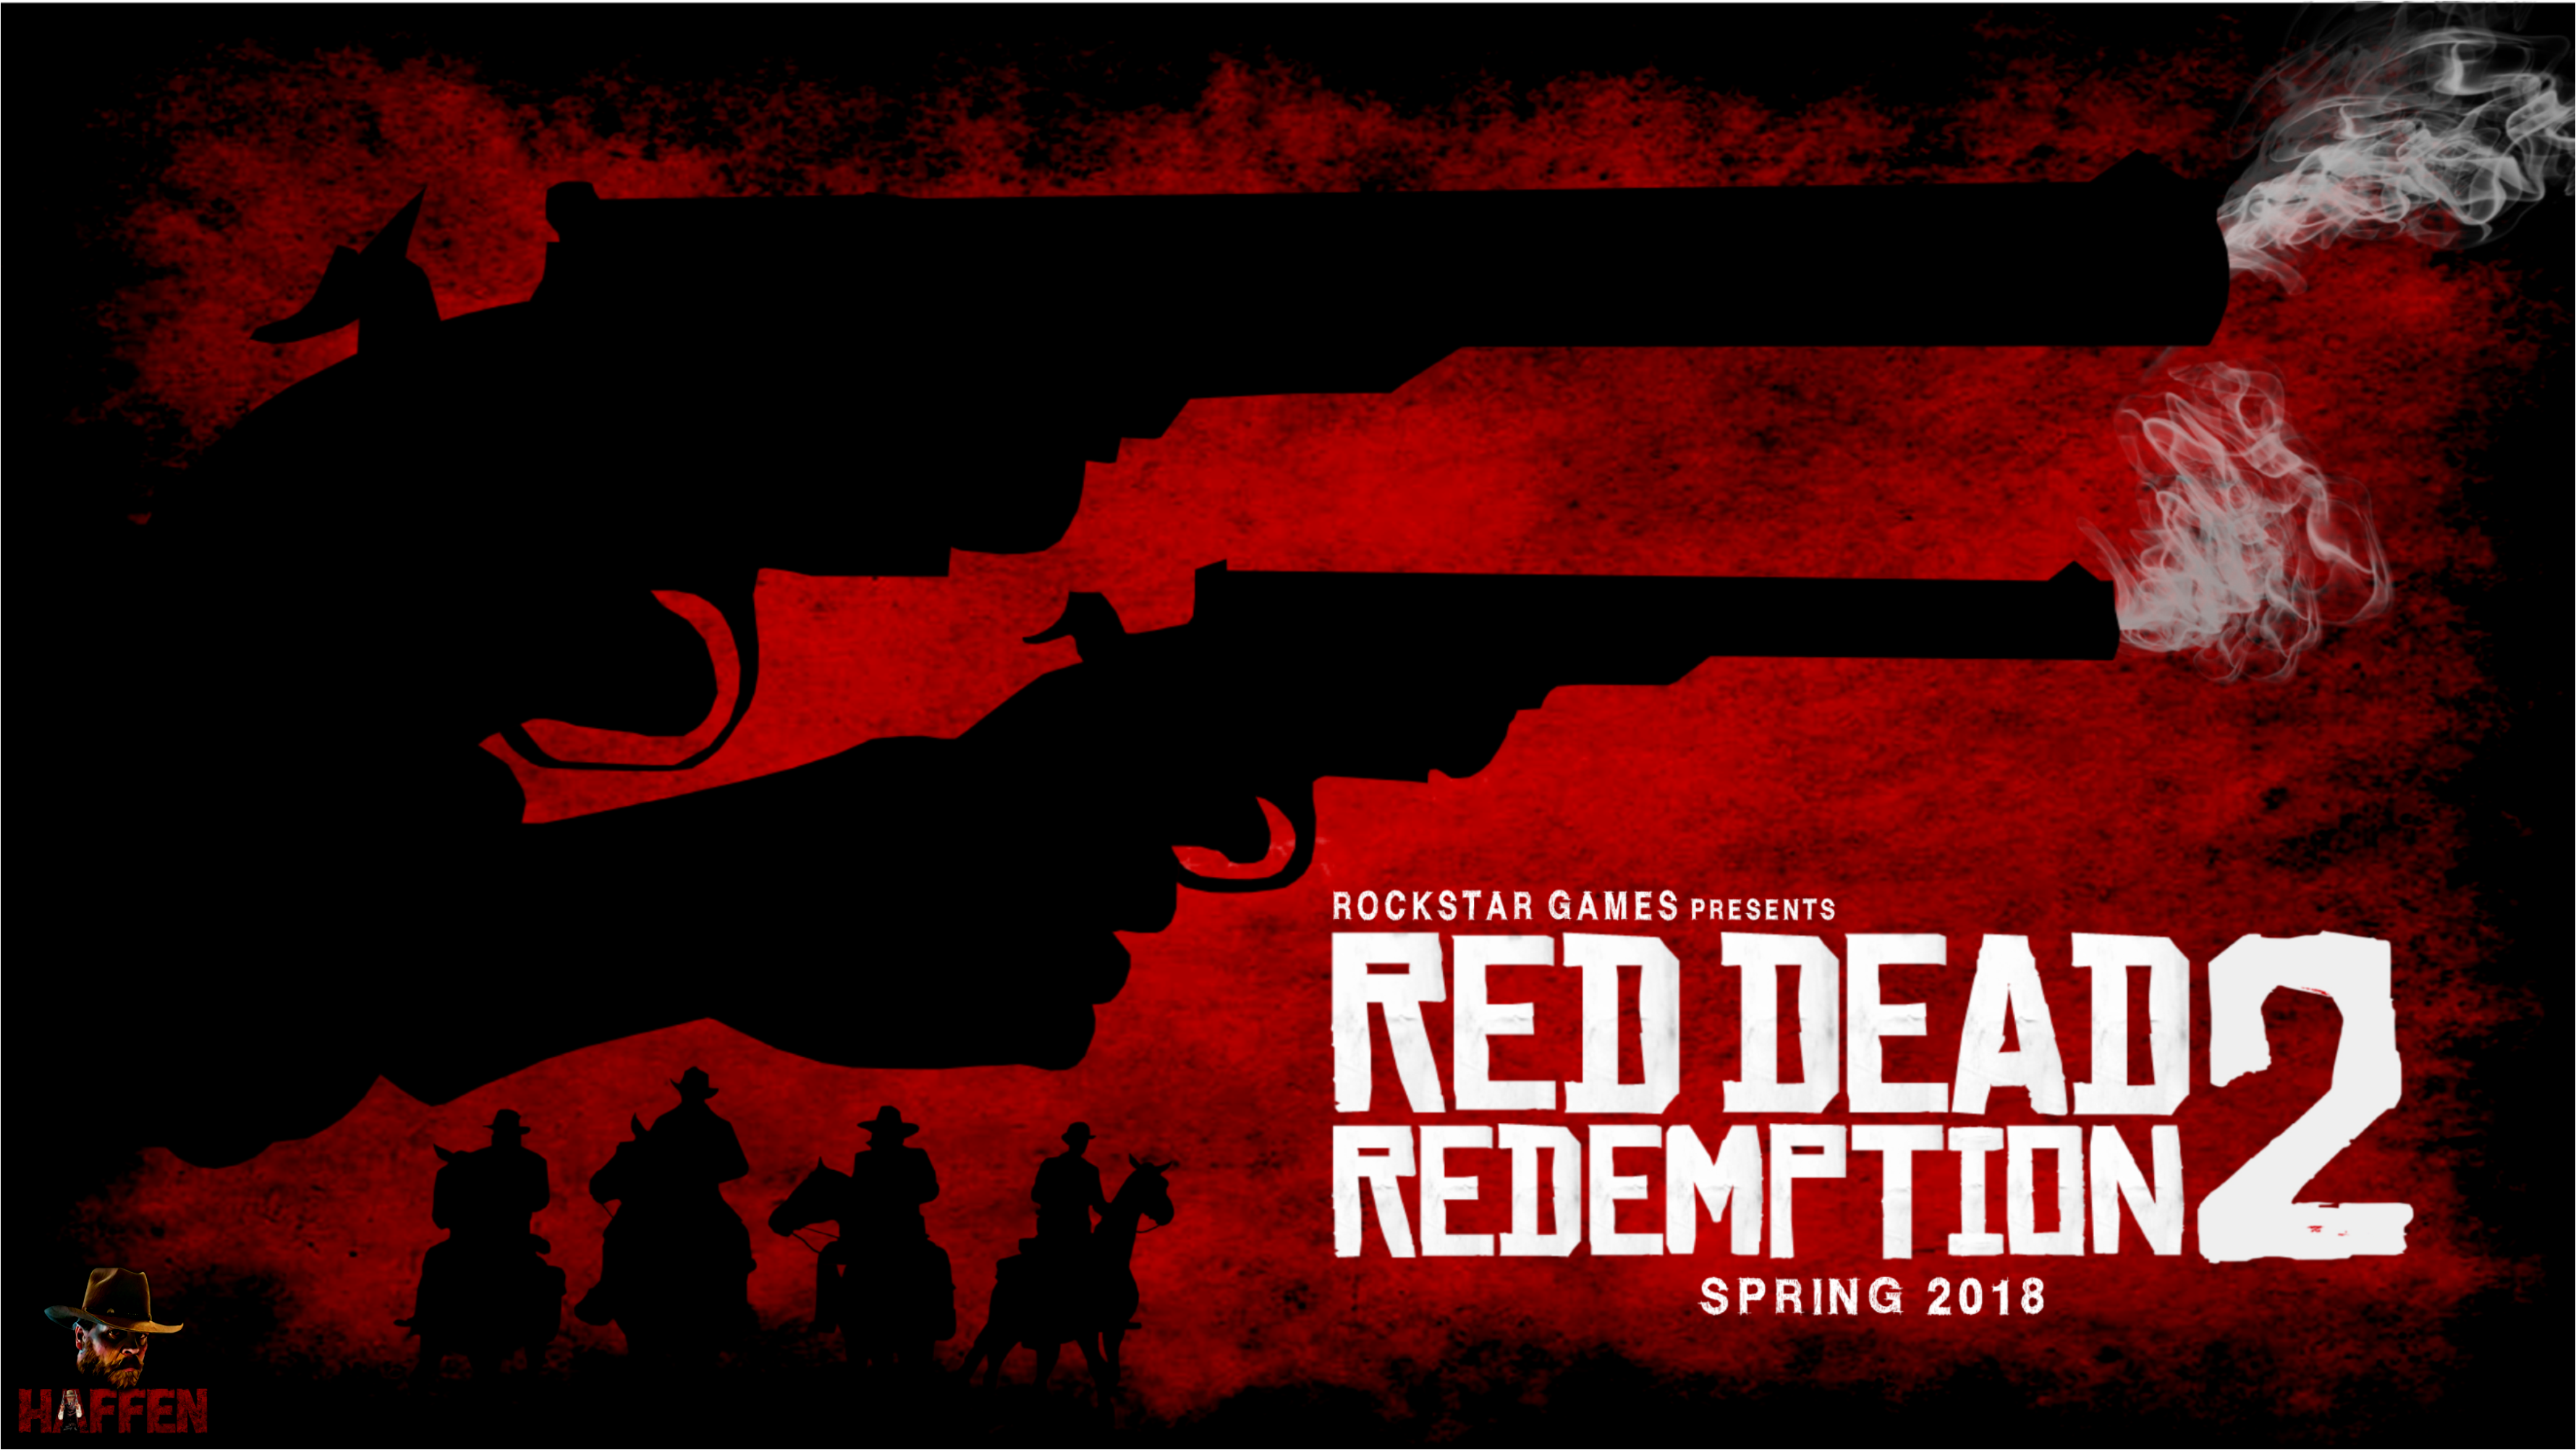 Red Dead Redemption 2 fan art by Haffen7 -Dual welding